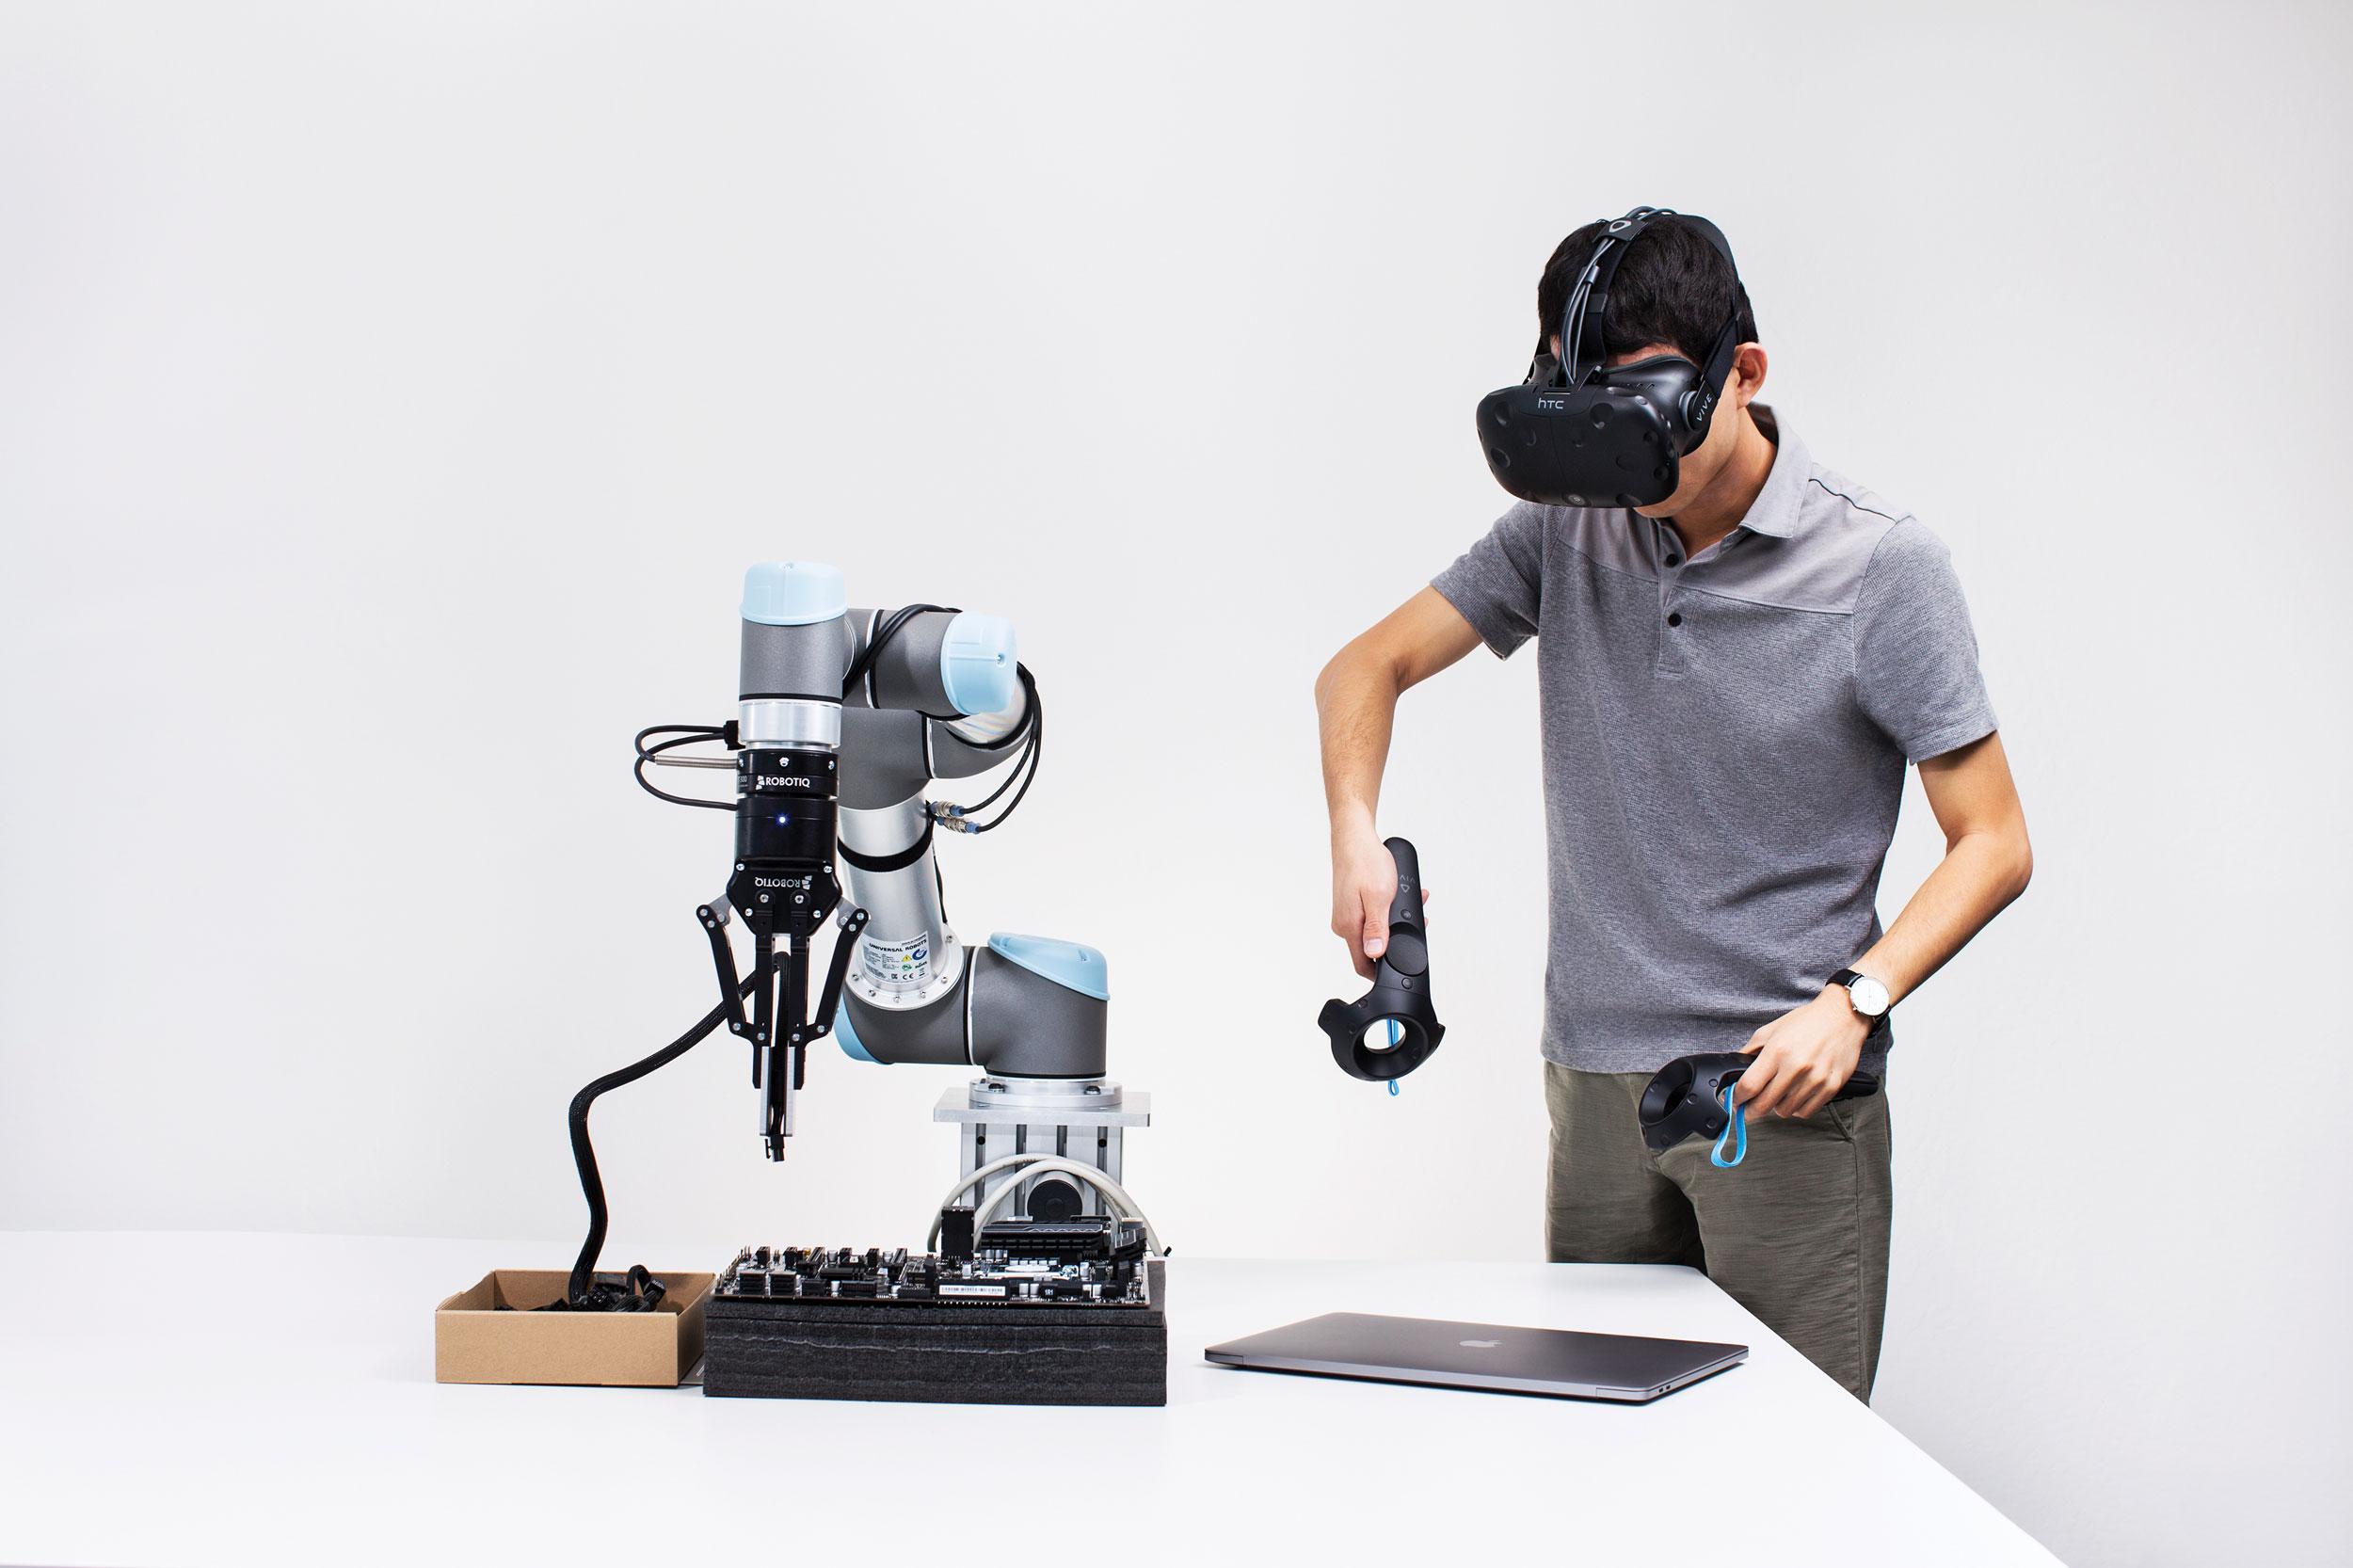 Un empleado de Embodied Intelligence usa una plataforma de realidad virtual para entrenar a un robot.